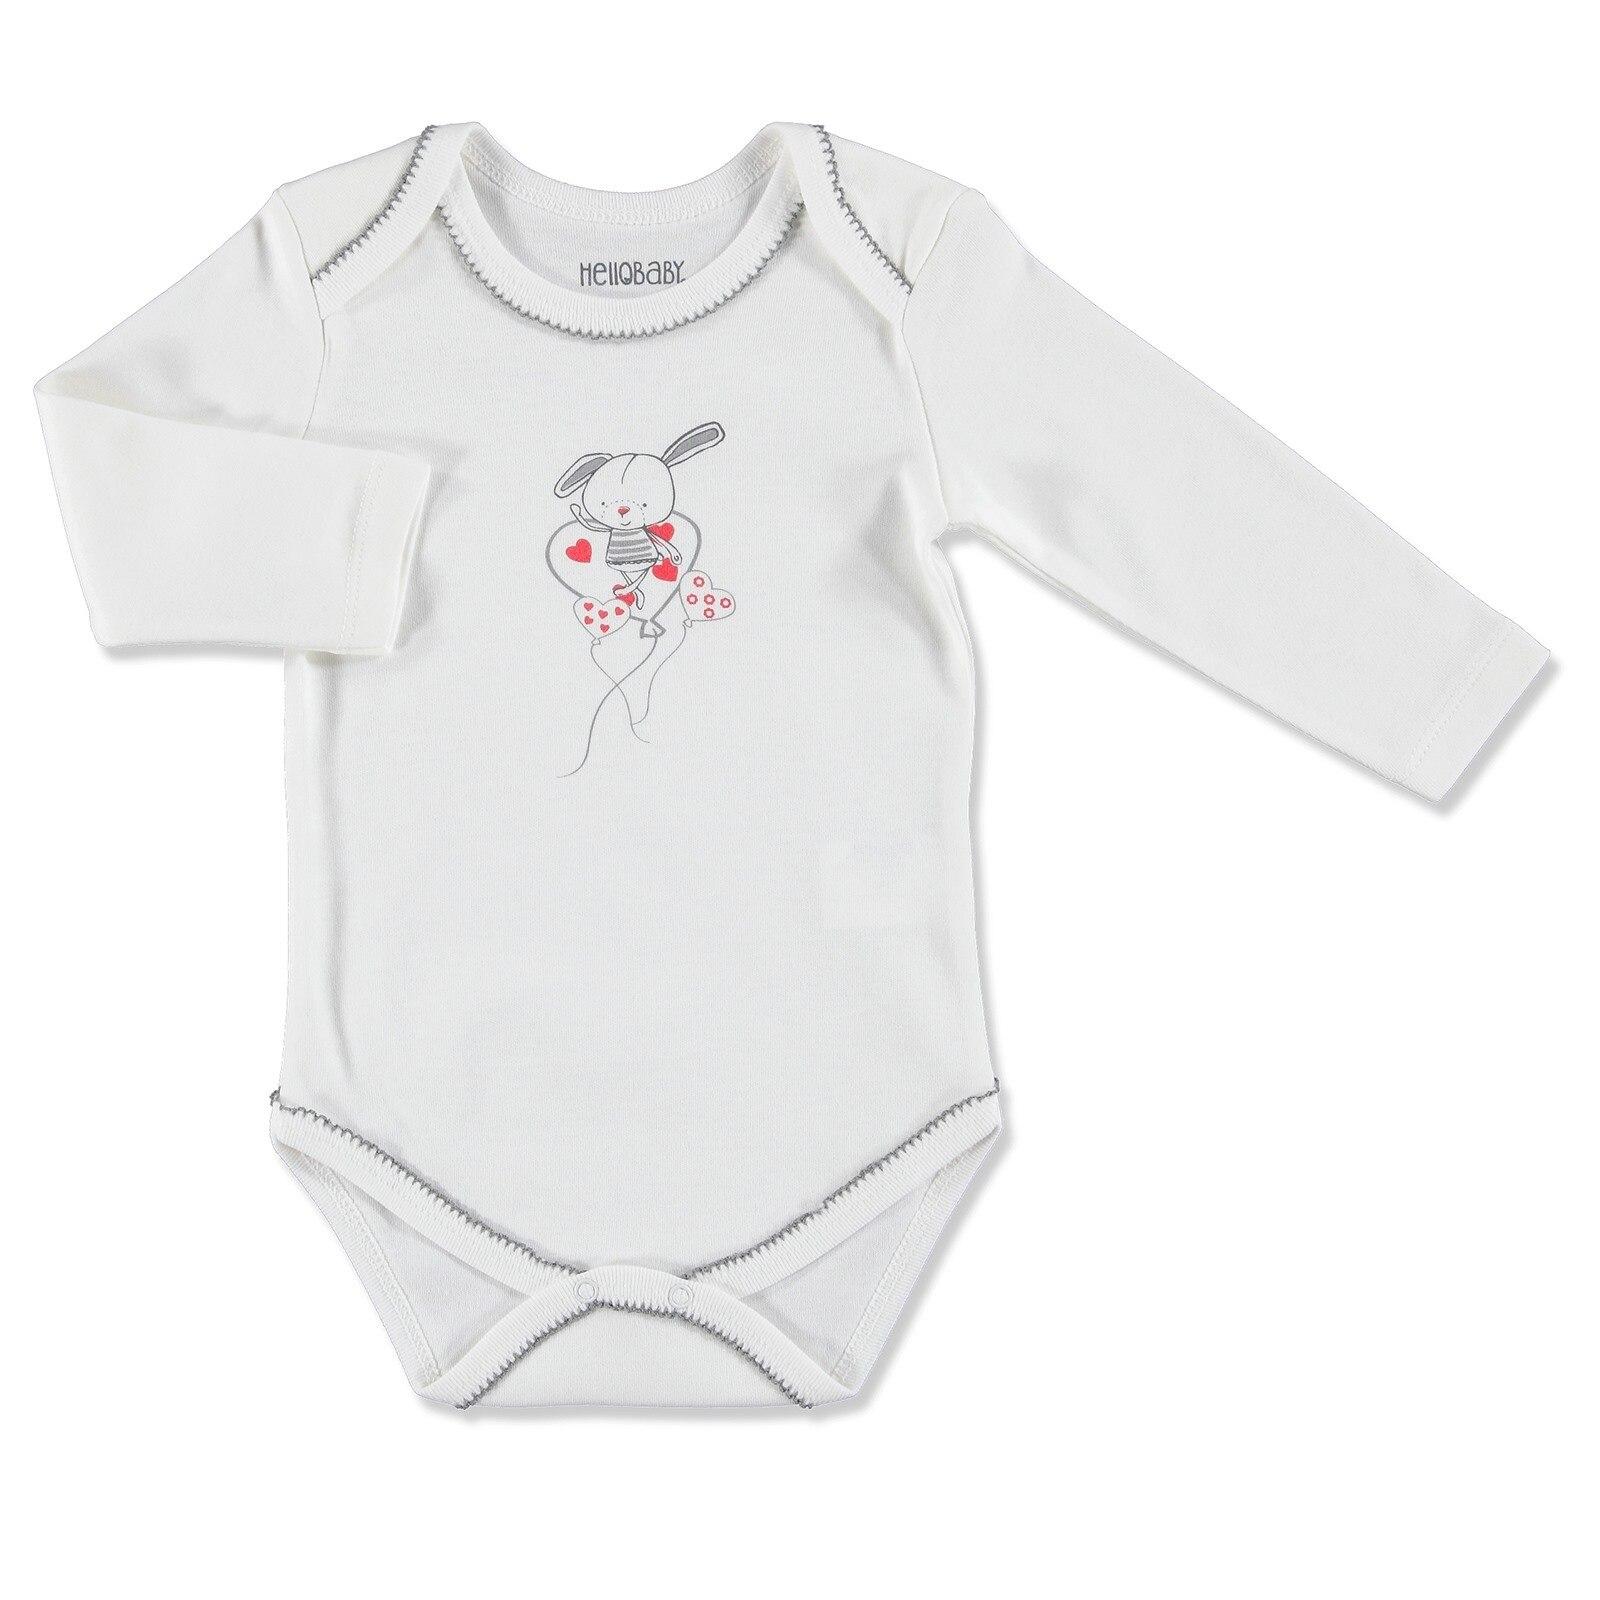 Ebebek HelloBaby Rabbit Theme Collar Long Sleeve Bodysuit